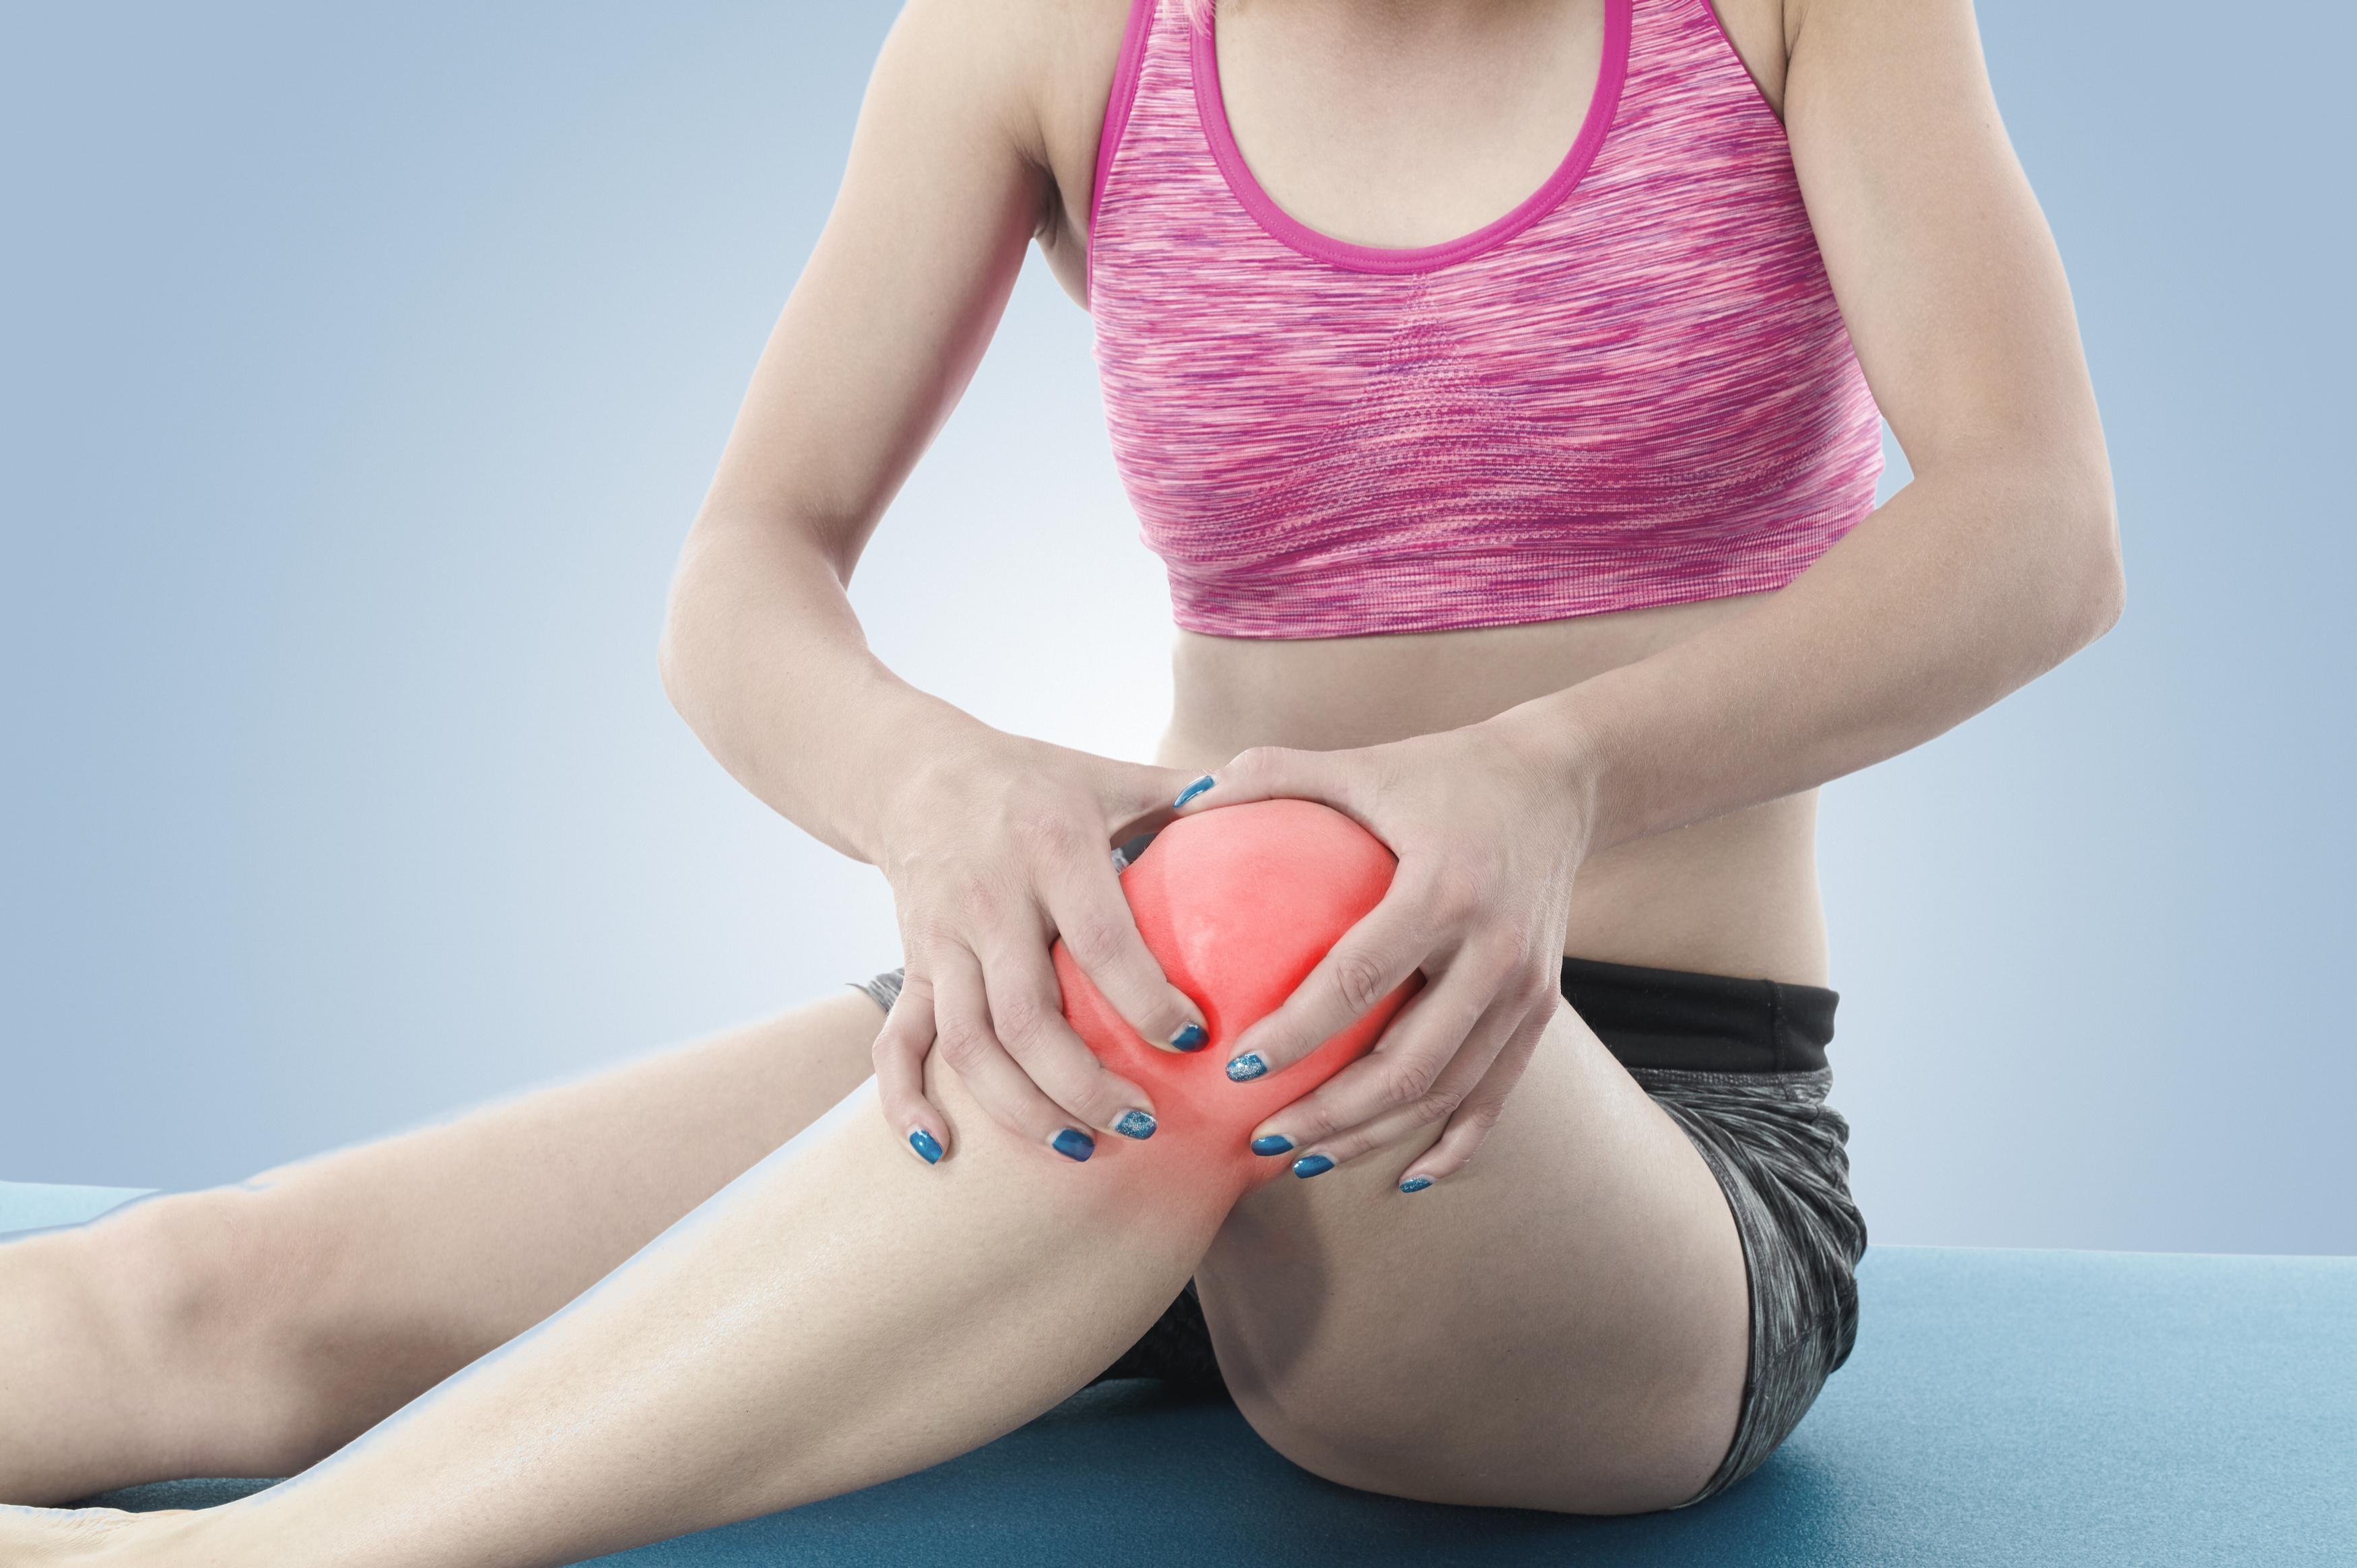 Cum lupti contra imbatranirii articulatiilor genunchilor